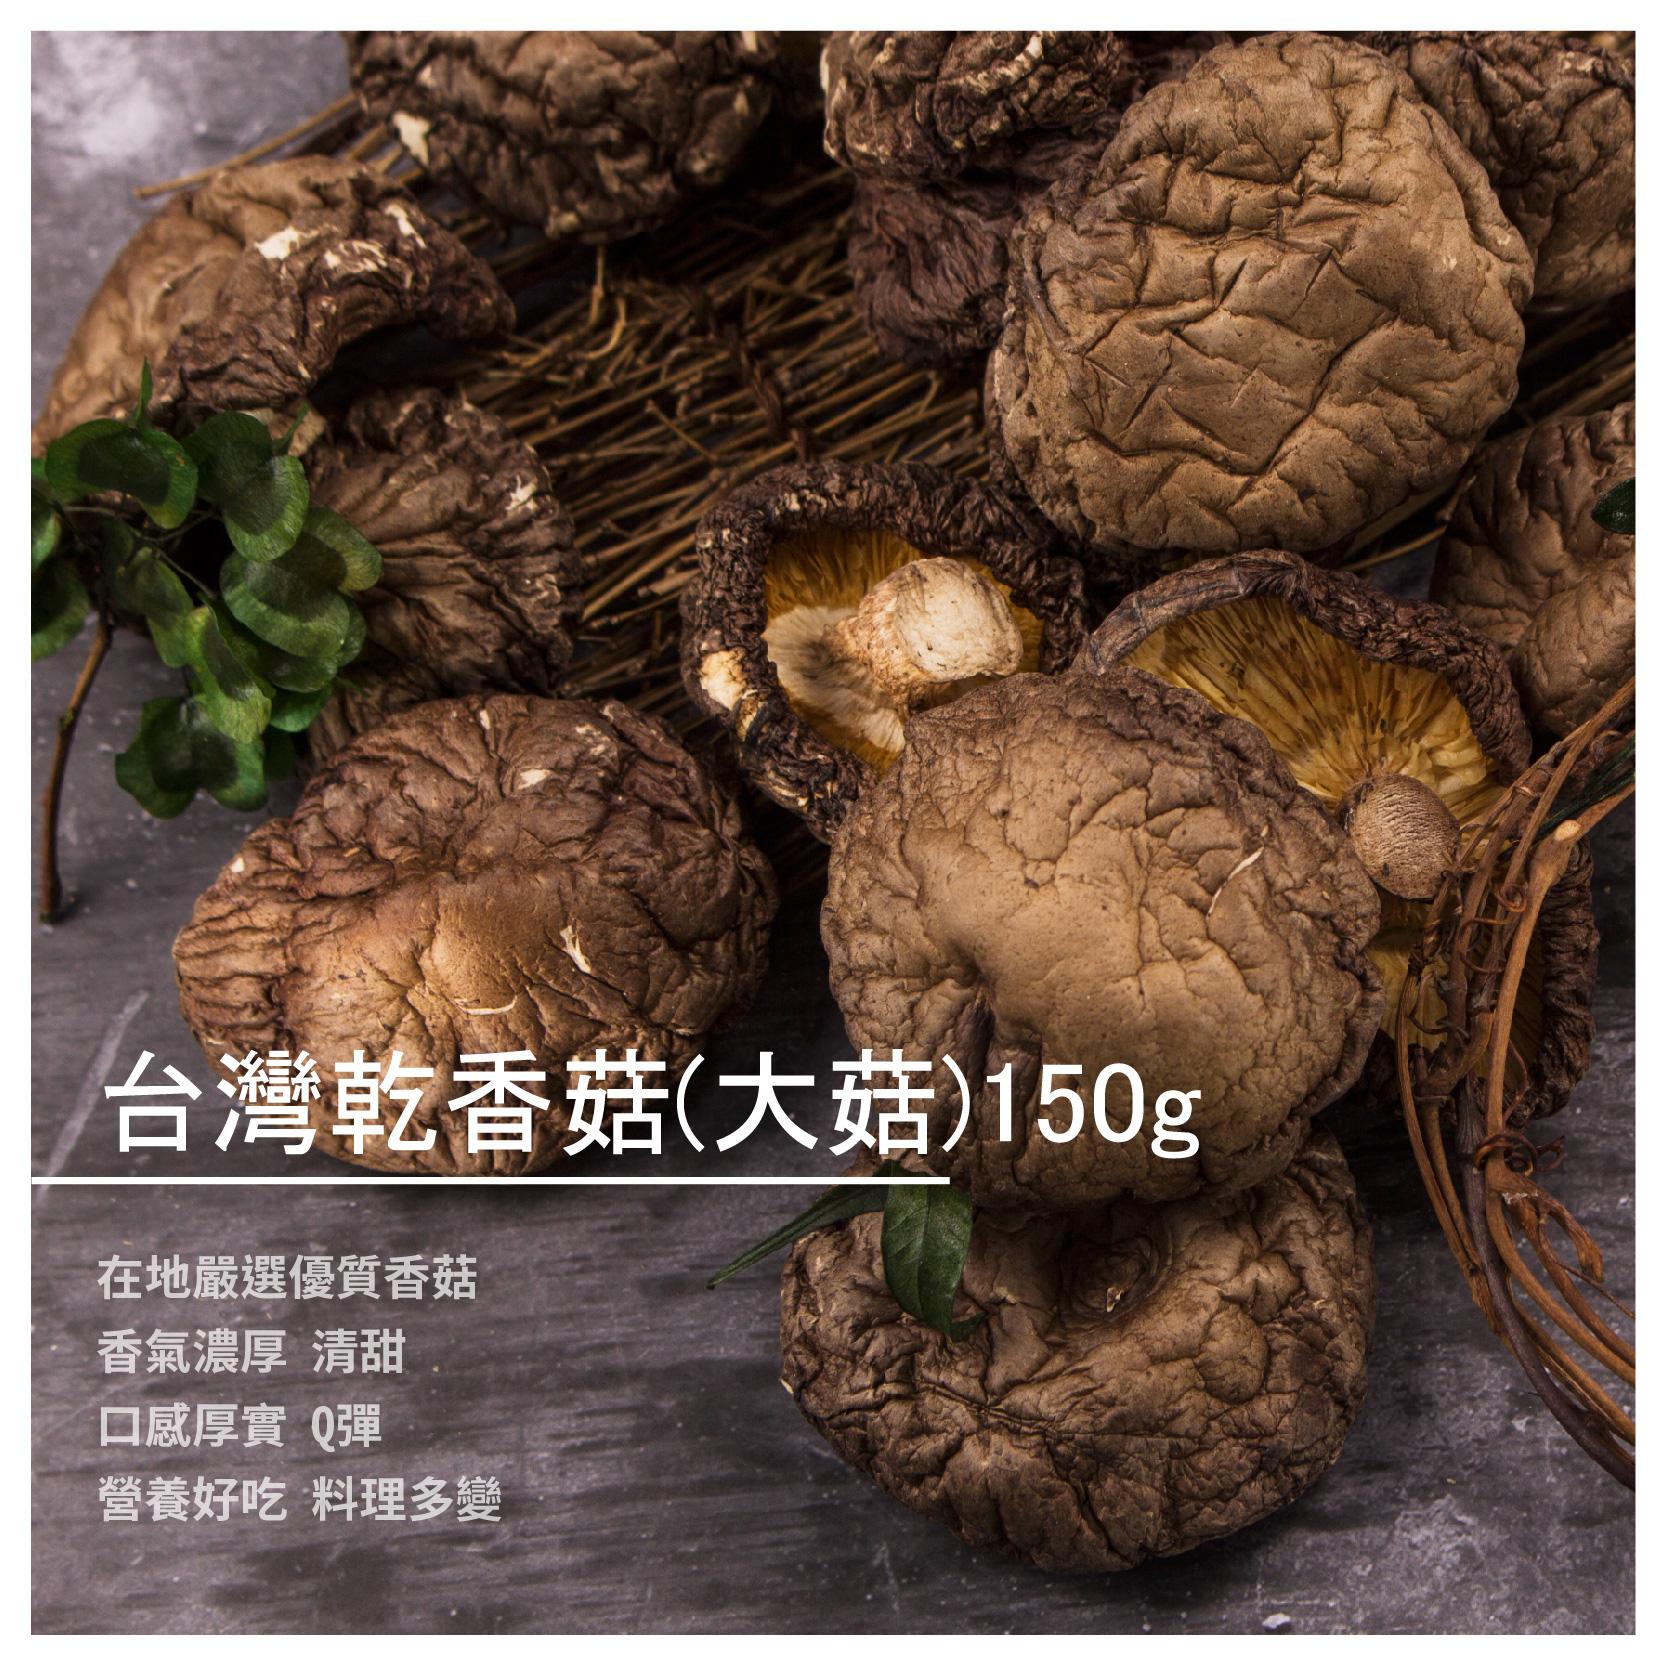 【家和興】台灣乾香菇(大菇)-150g